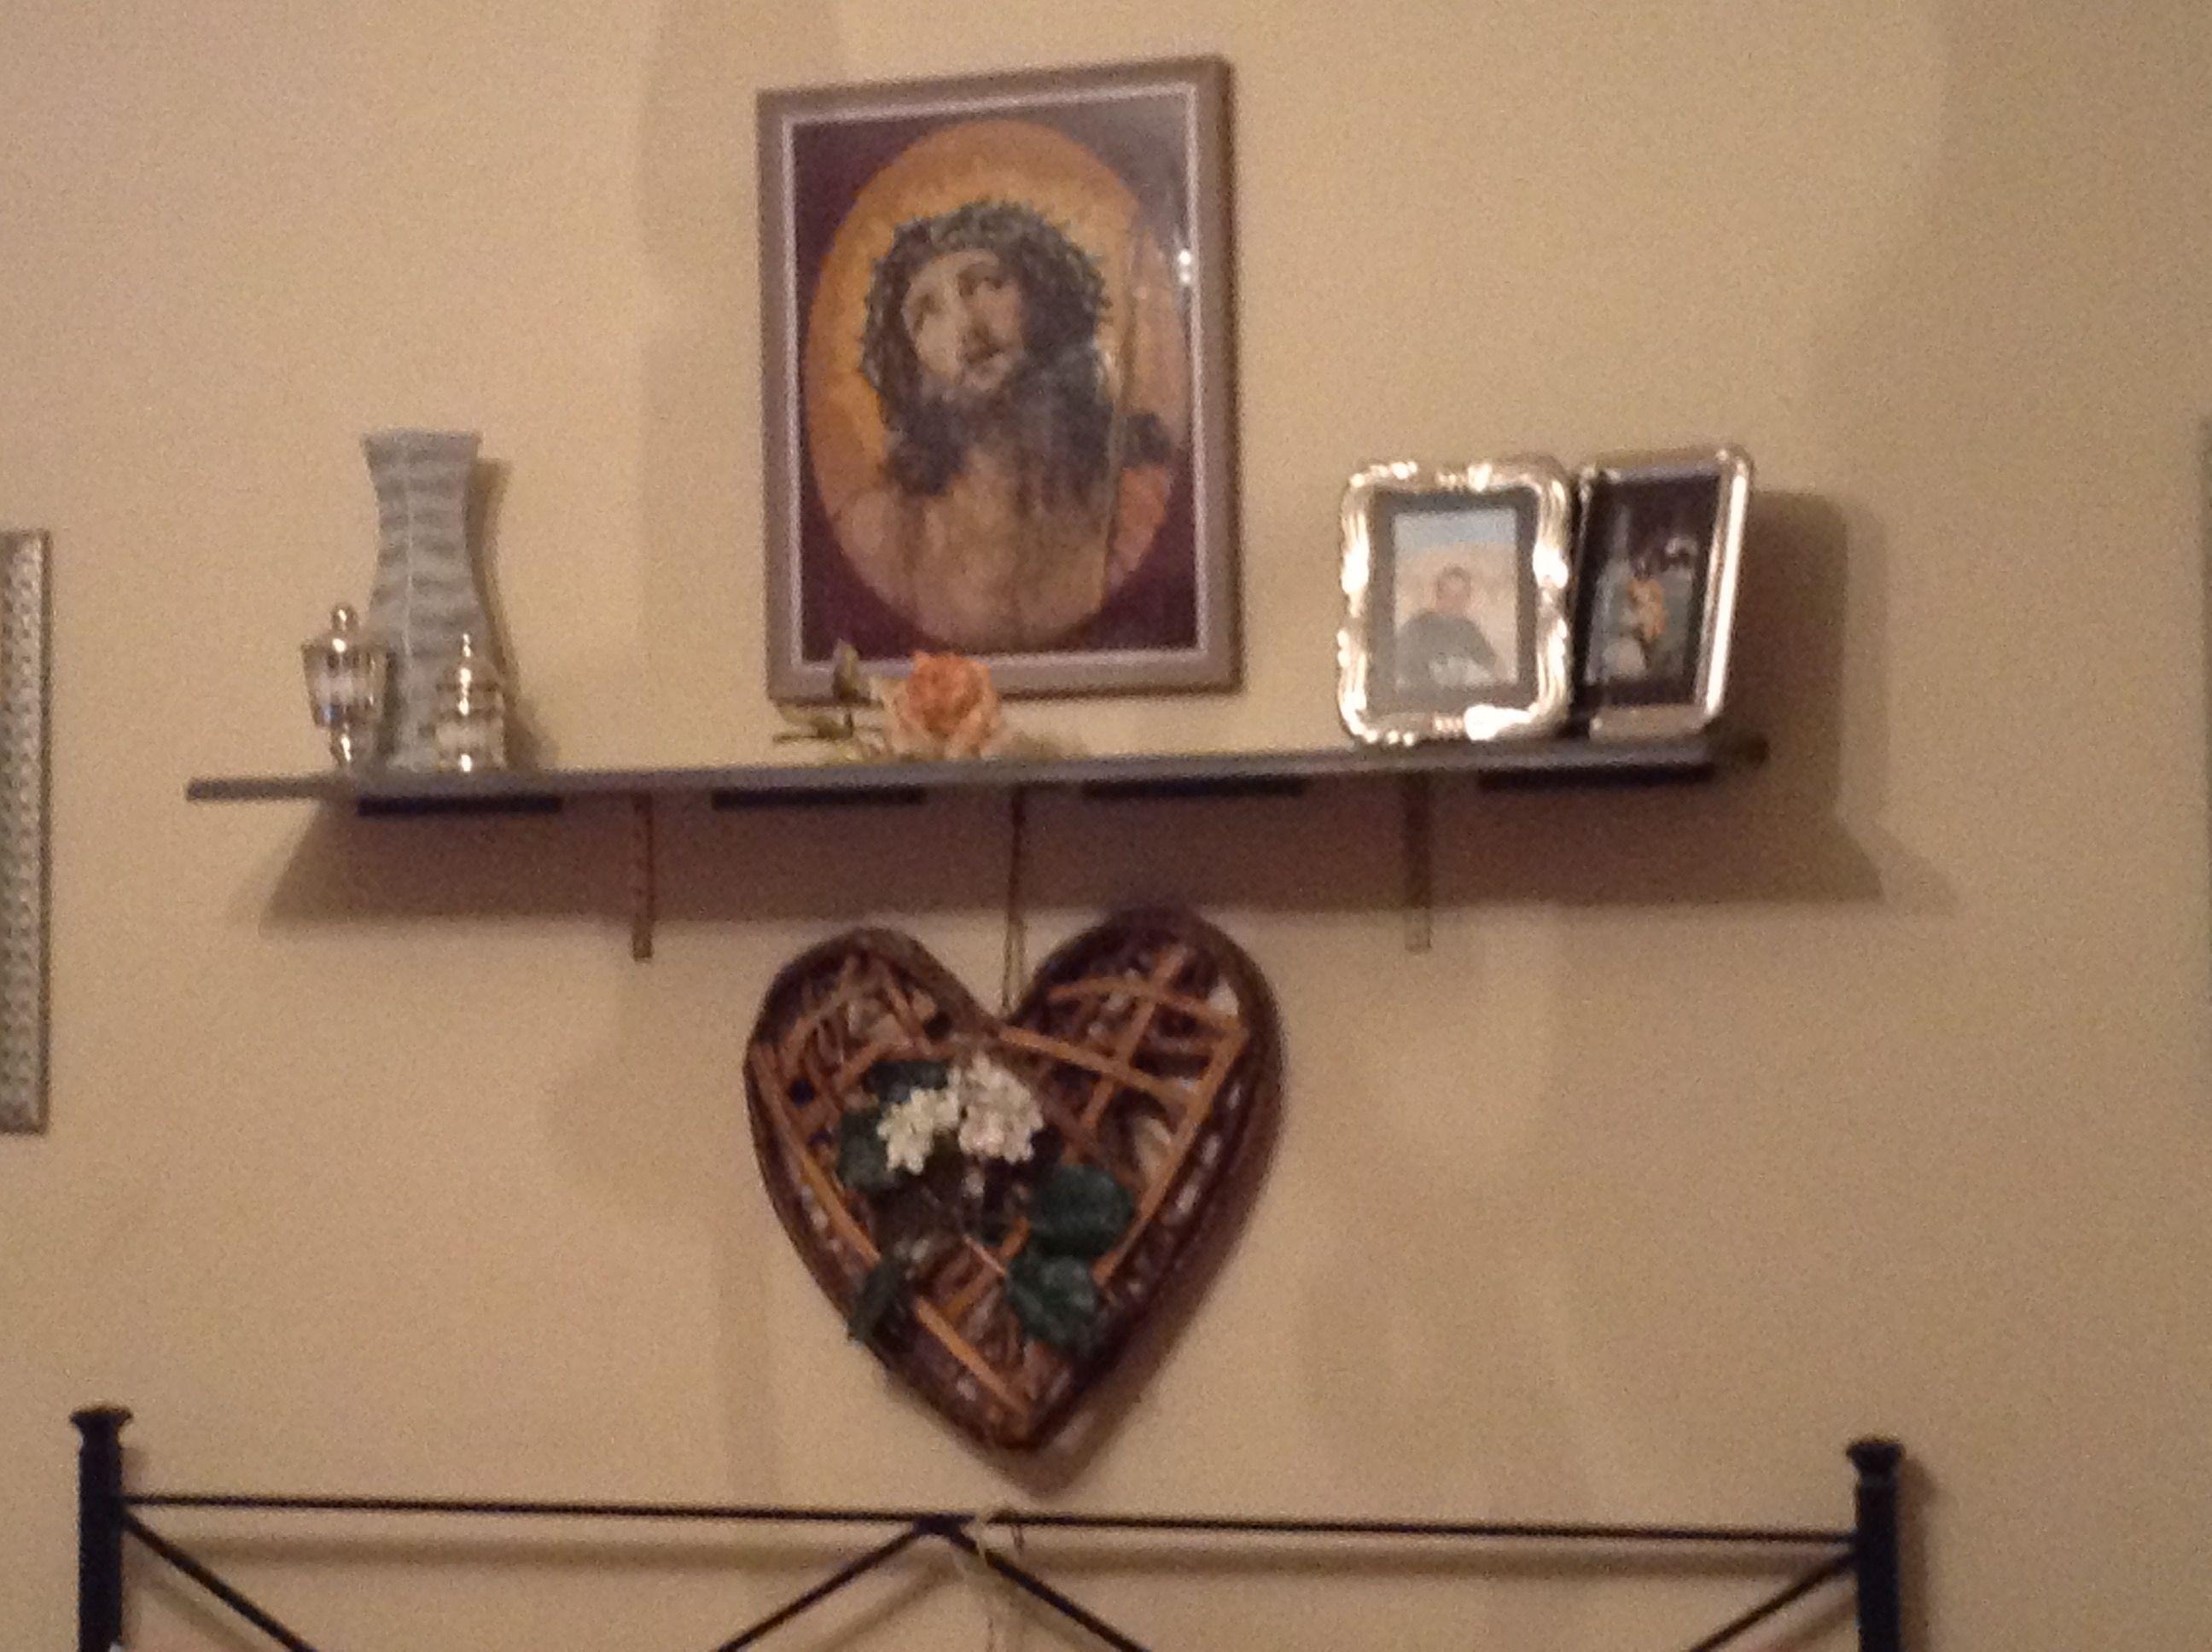 Aggiunto una mensola sopra il letto per mettere il cristo for Mensola sopra il letto